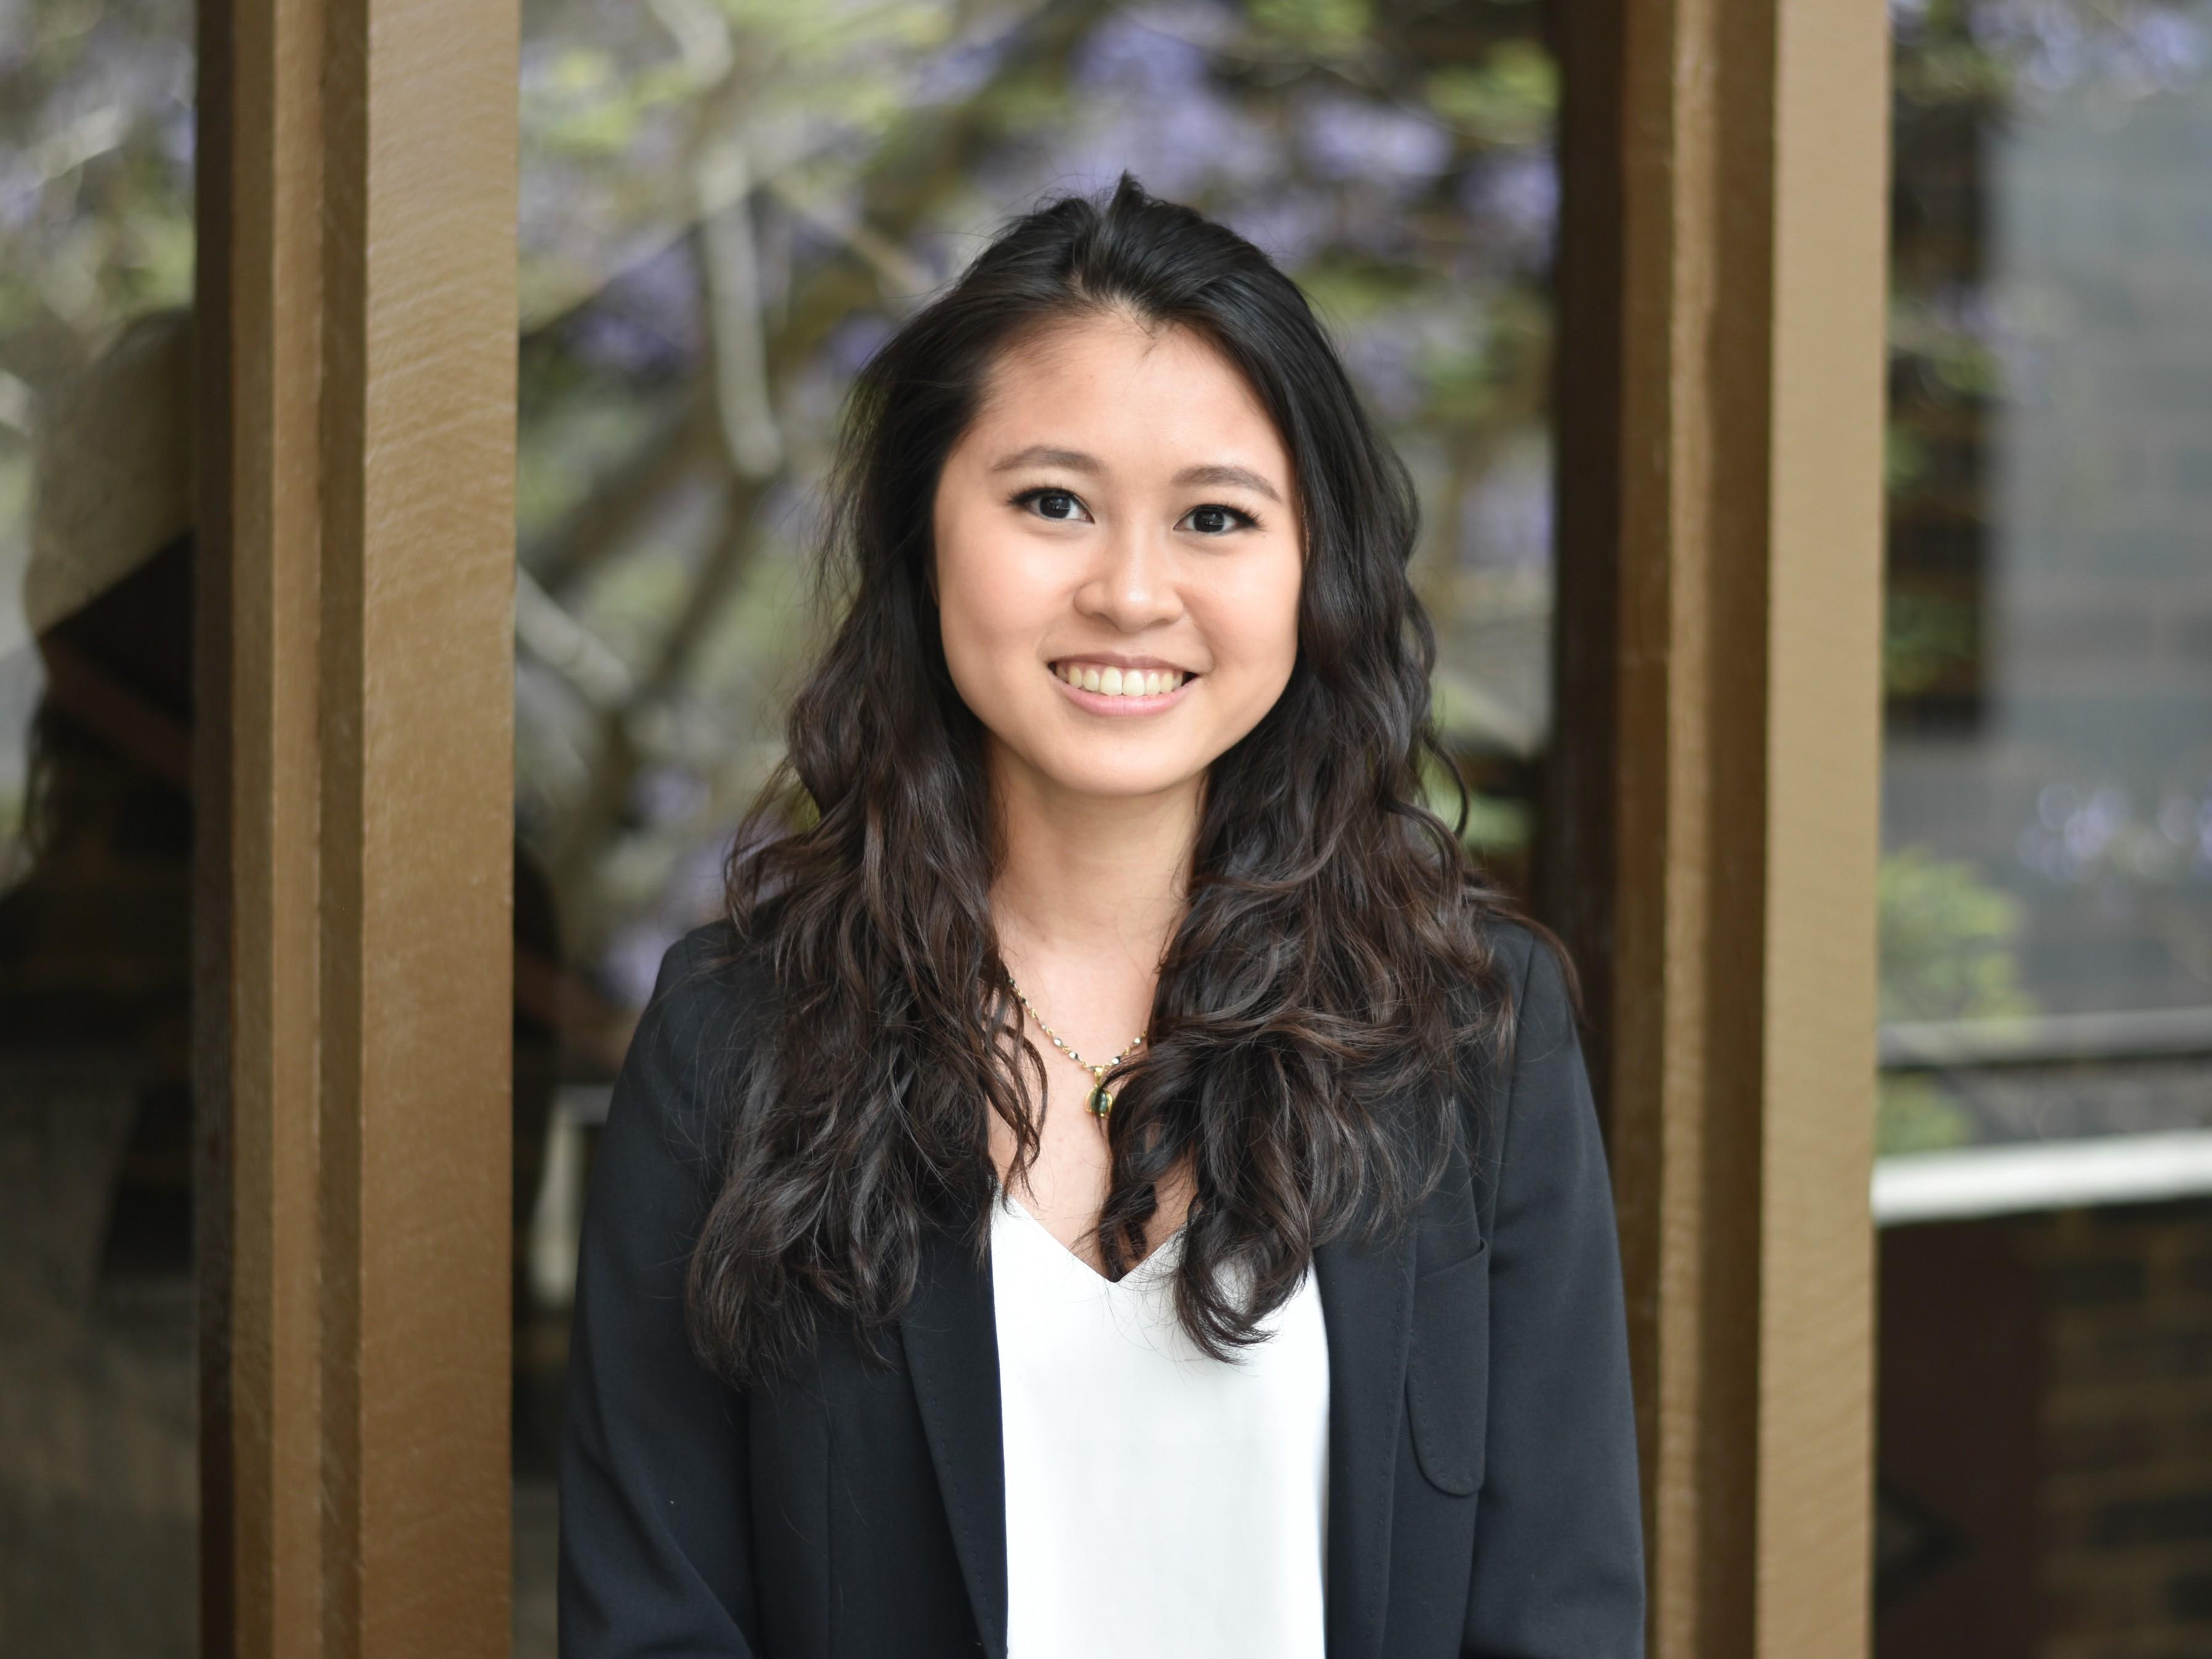 Ava Hui Xian Lim